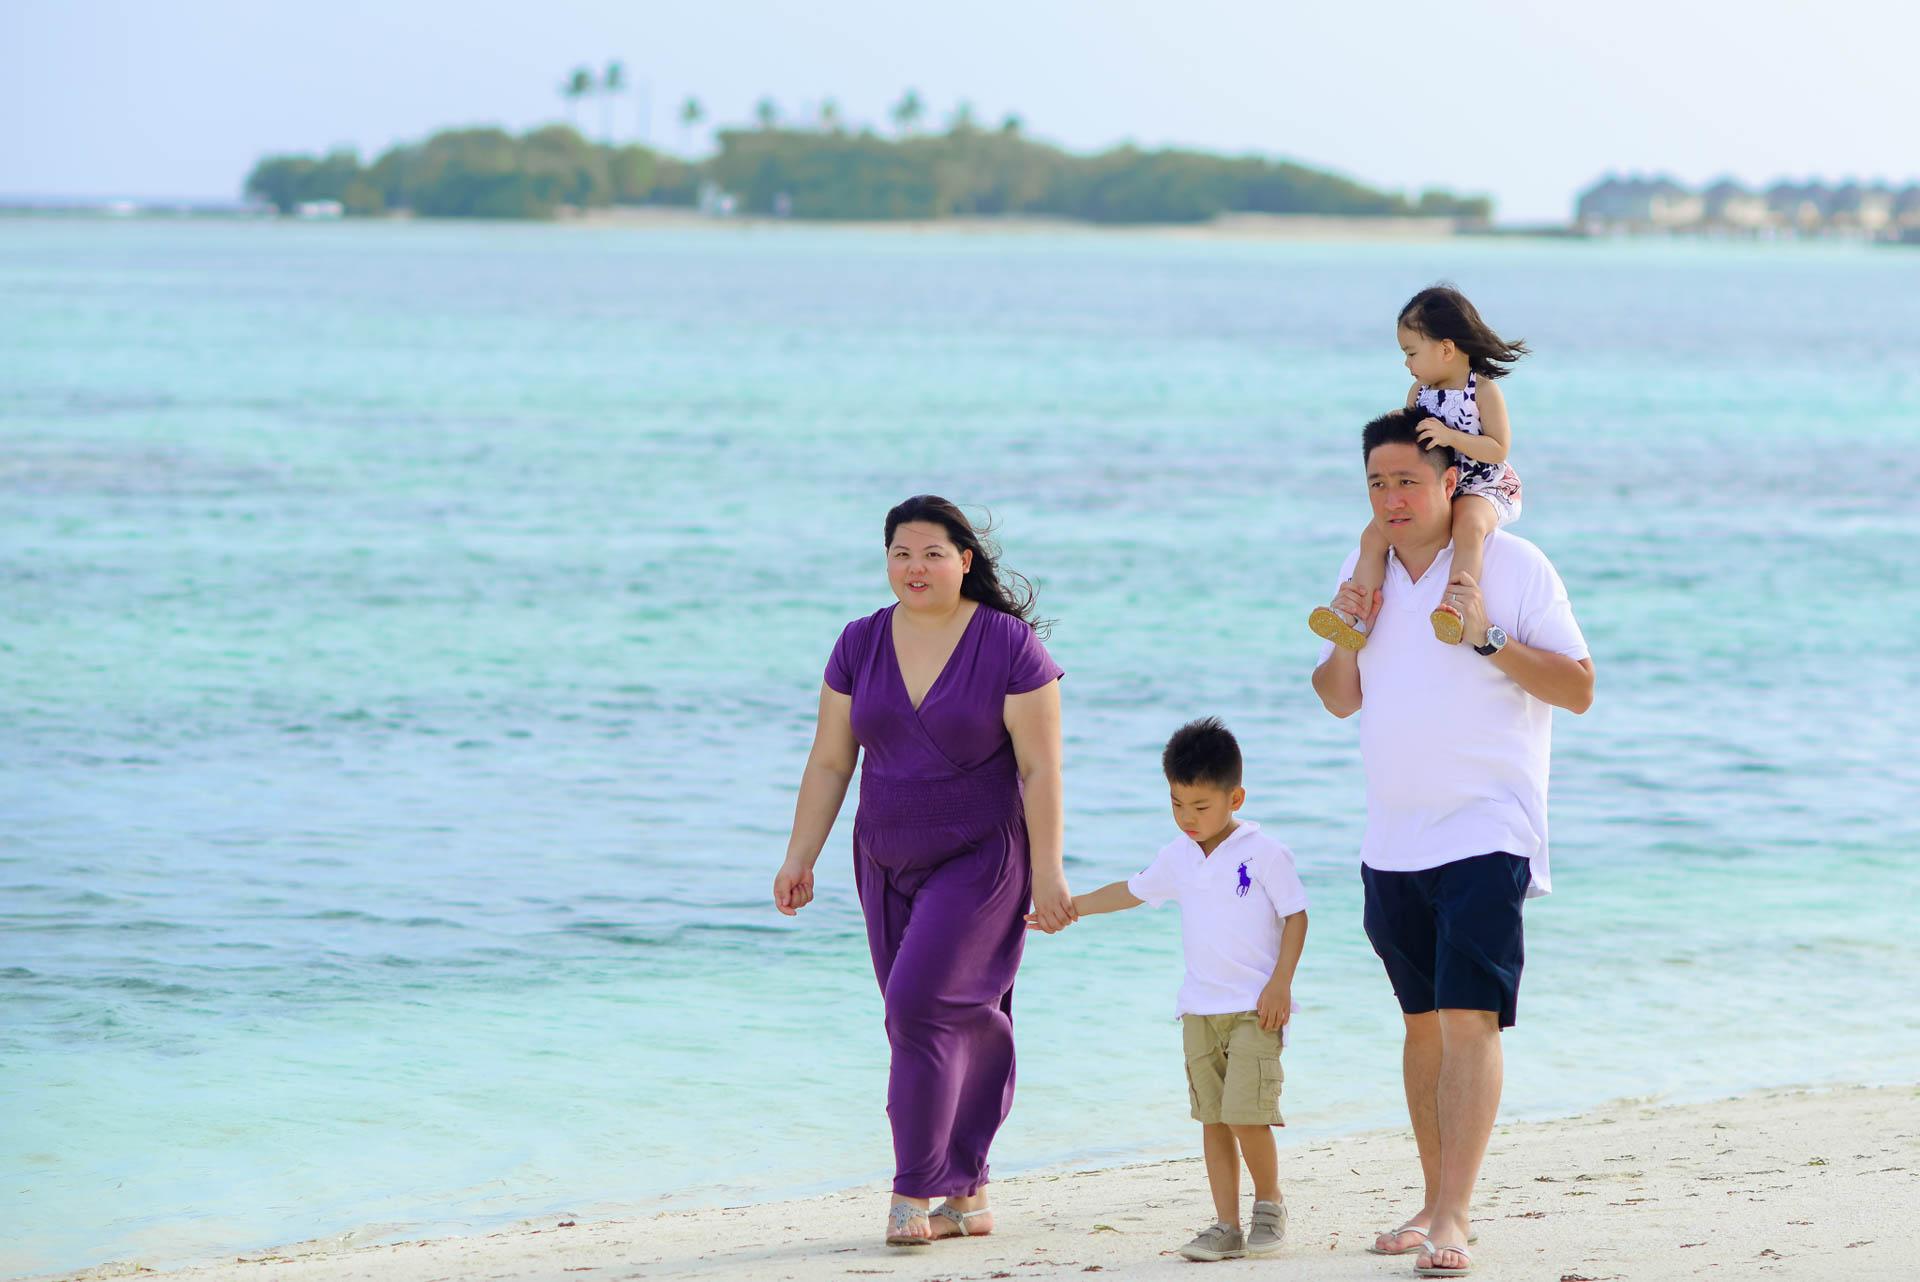 Rosa Family at Four seaons Maldives 36